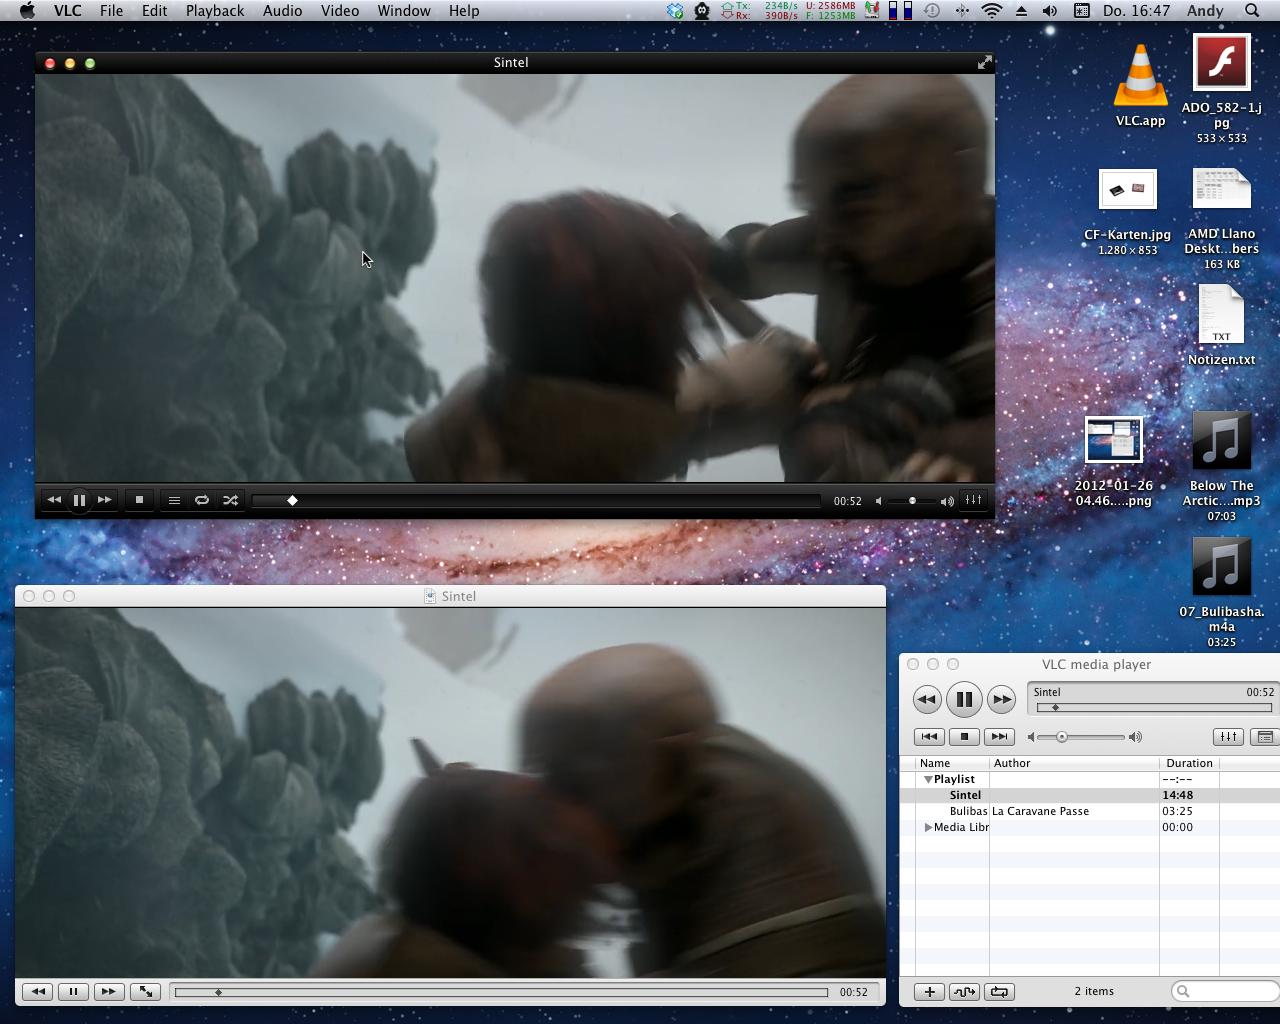 Mediaplayer: VLC 2.0 als Release Candidate erschienen - Bei VLC 2.0 wird zwischen dem Videofenster und...